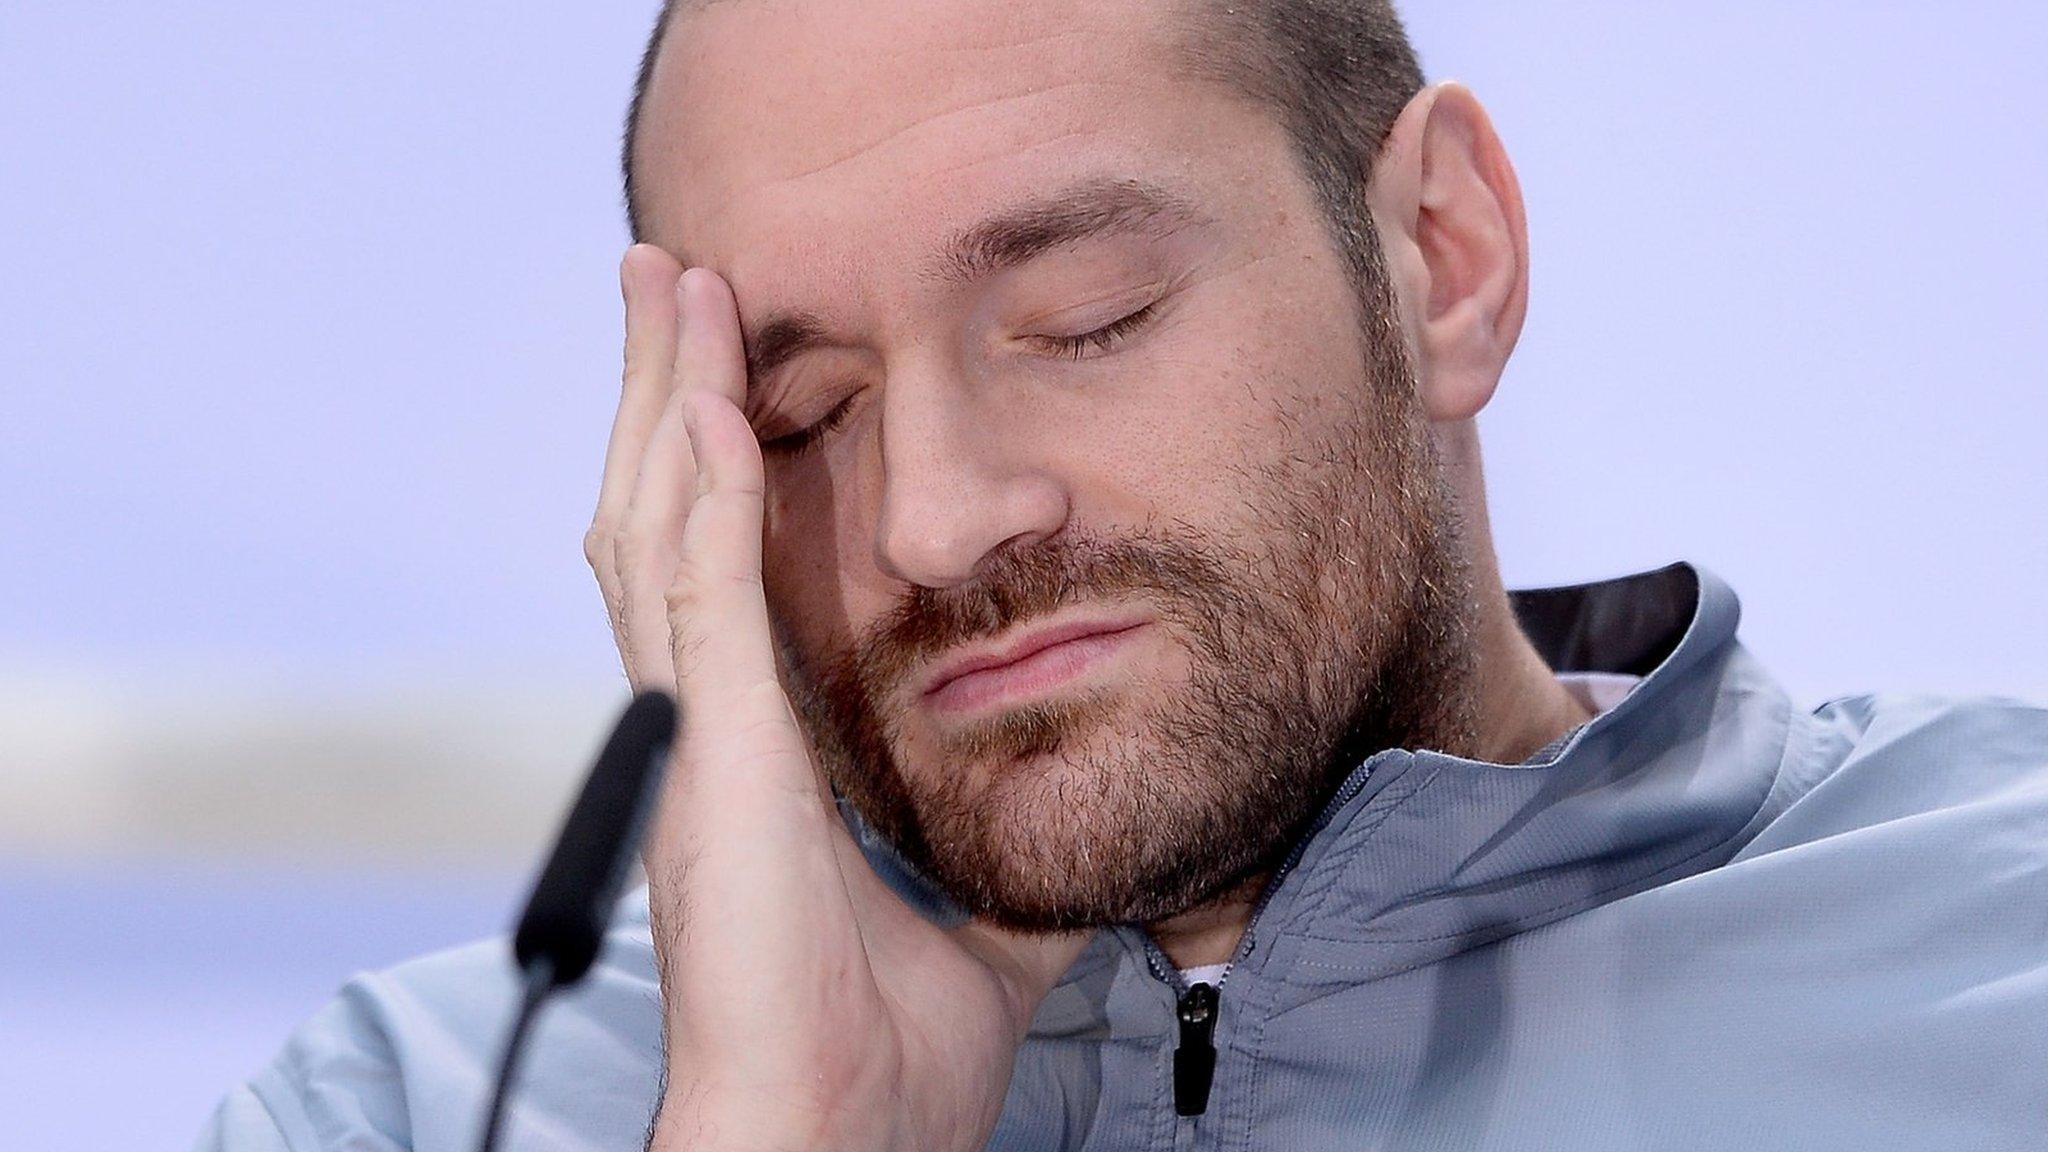 <![CDATA[Wladimir Klitschko v Tyson Fury postponed: World heavyweight rematch on hold]]>